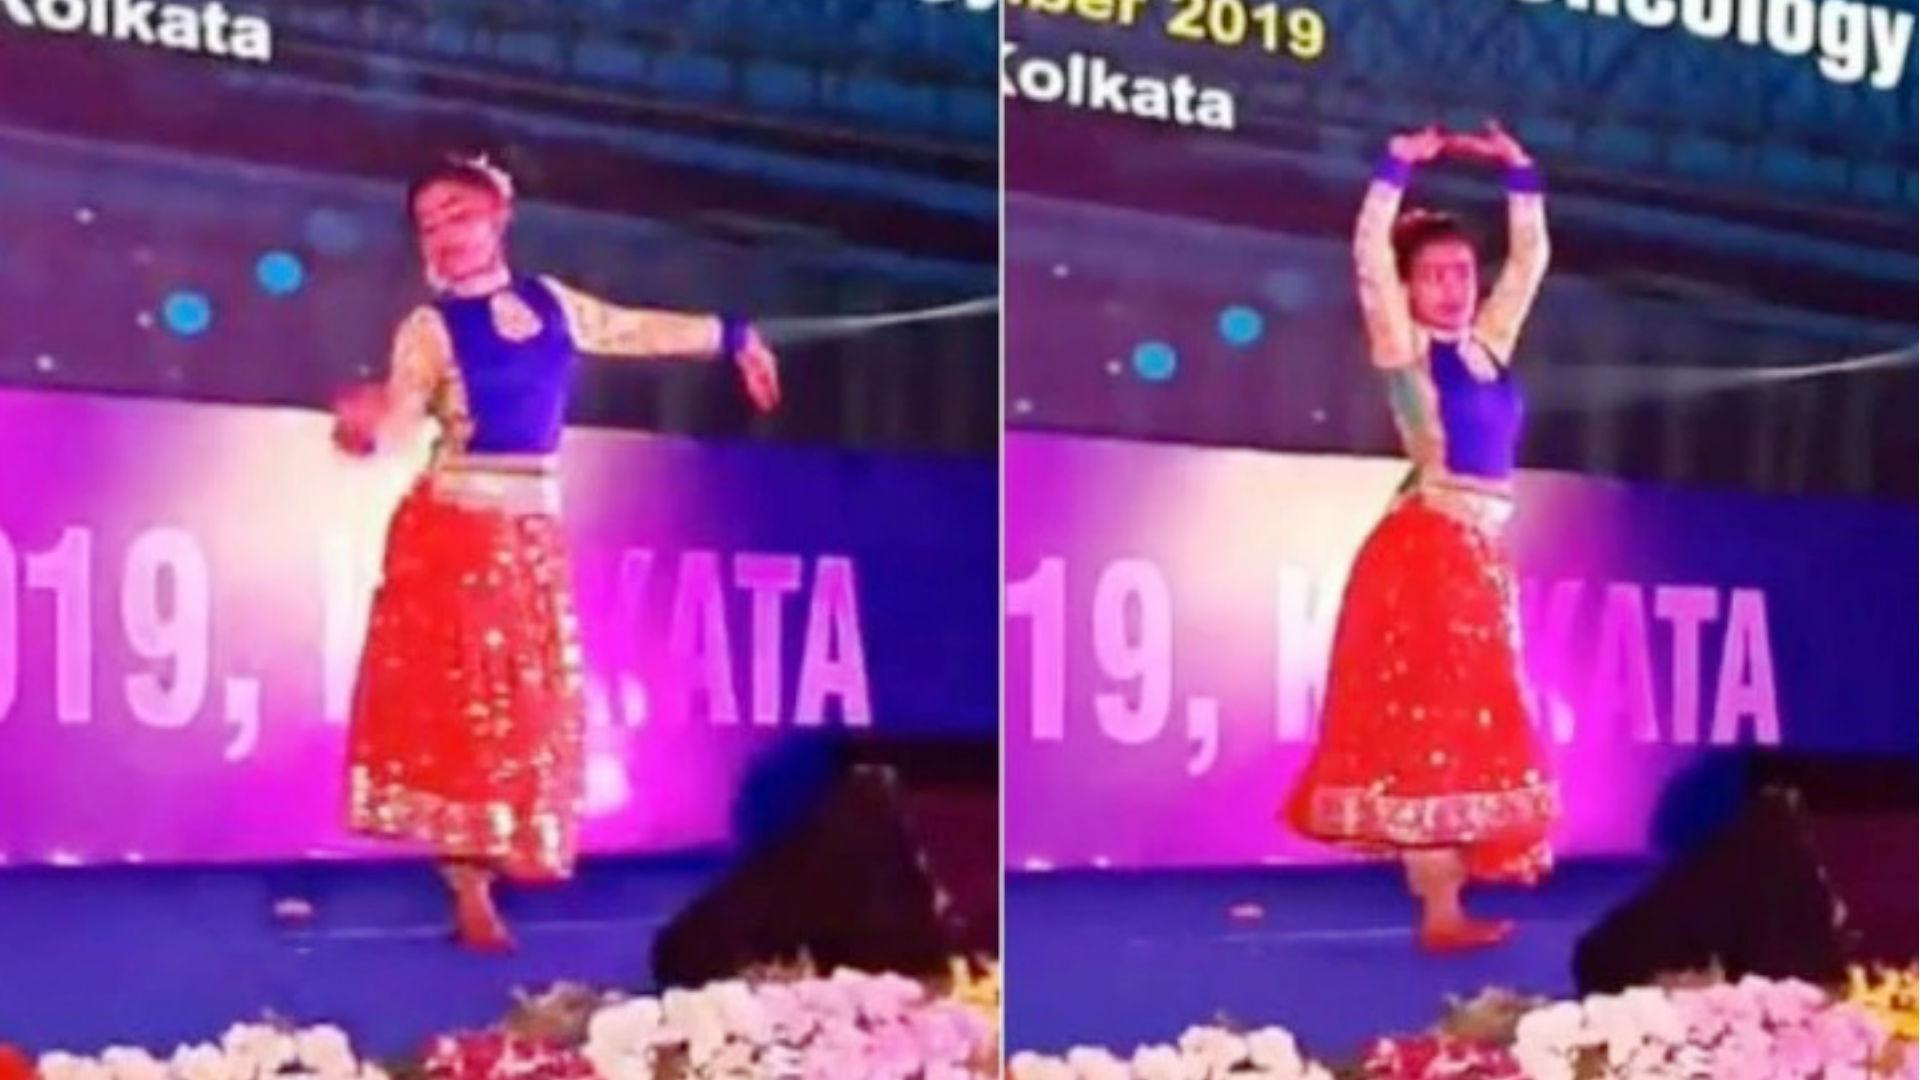 Viral Video: कैंसर ने छीना एक पैर, फिर भी कम नहीं हुआ हौसला, विद्या बालन के गाने पर थिरकी 11 साल की अंजलि